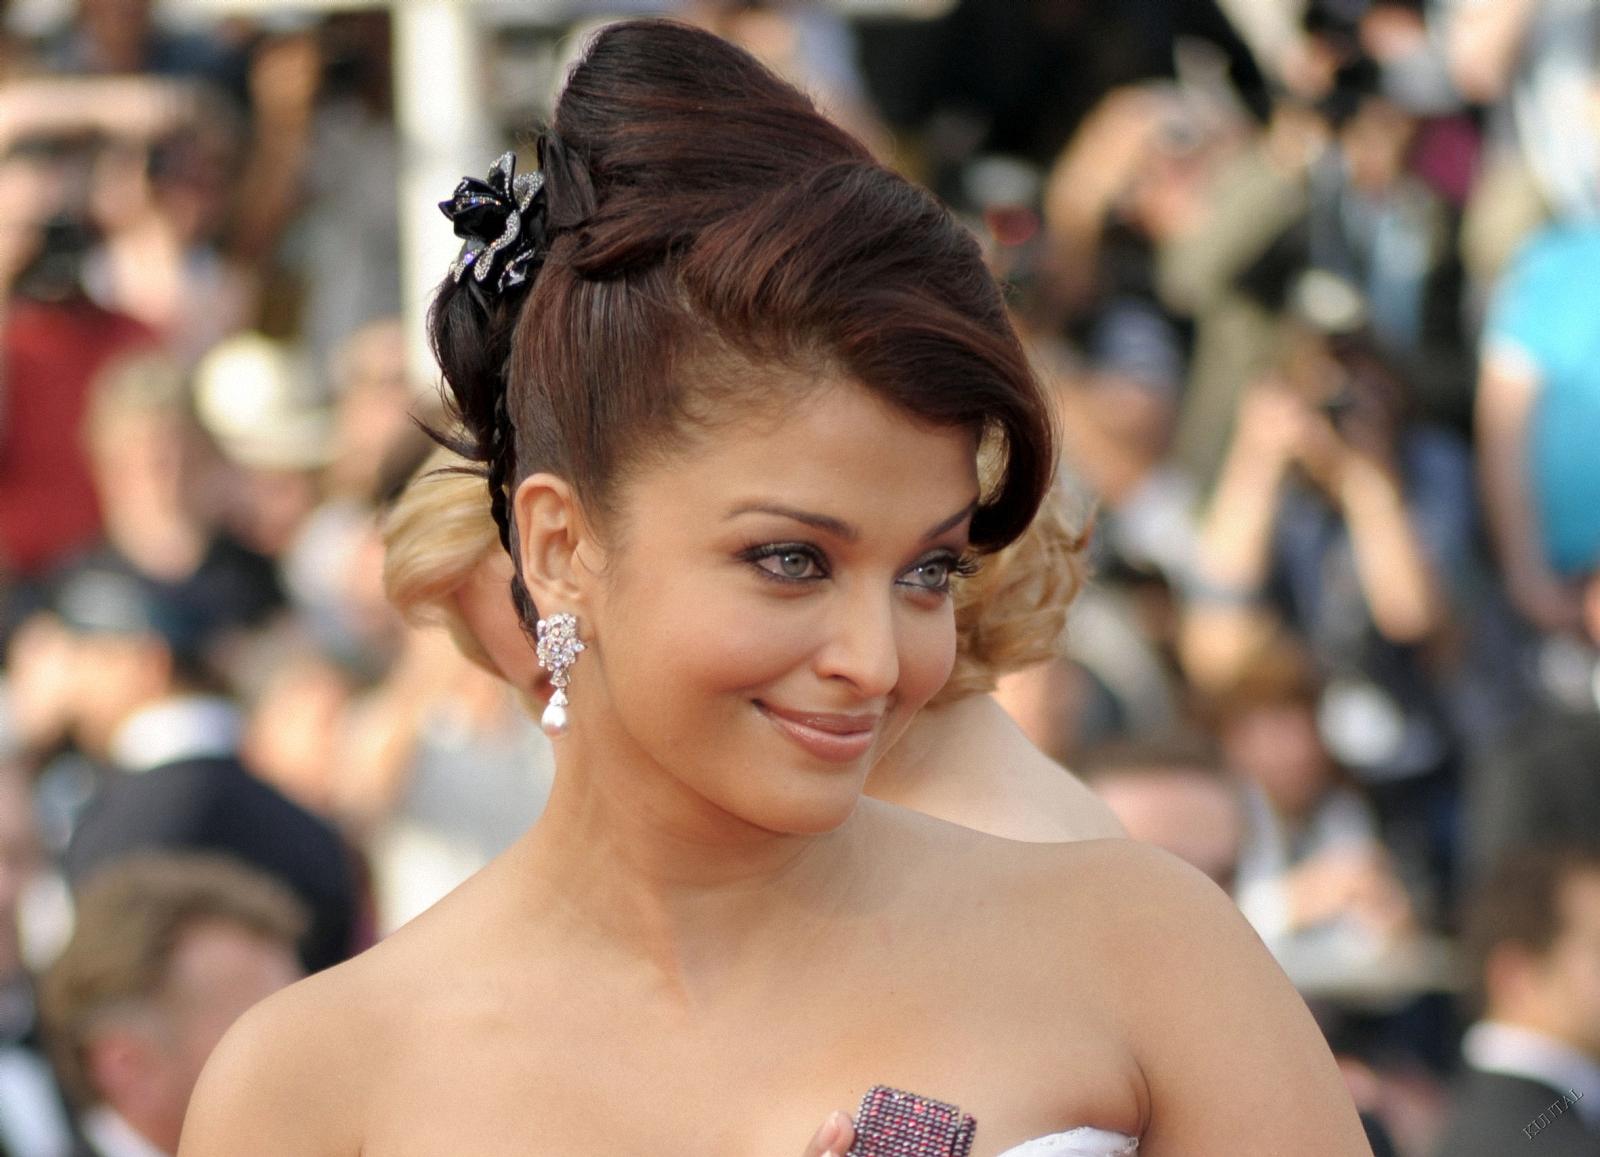 http://3.bp.blogspot.com/-U9xf8smgaXA/TfyoqDPsKoI/AAAAAAAAEYc/jghnGoW48DA/s1600/Aishwarya+Rai+Wallpapers+1.jpg